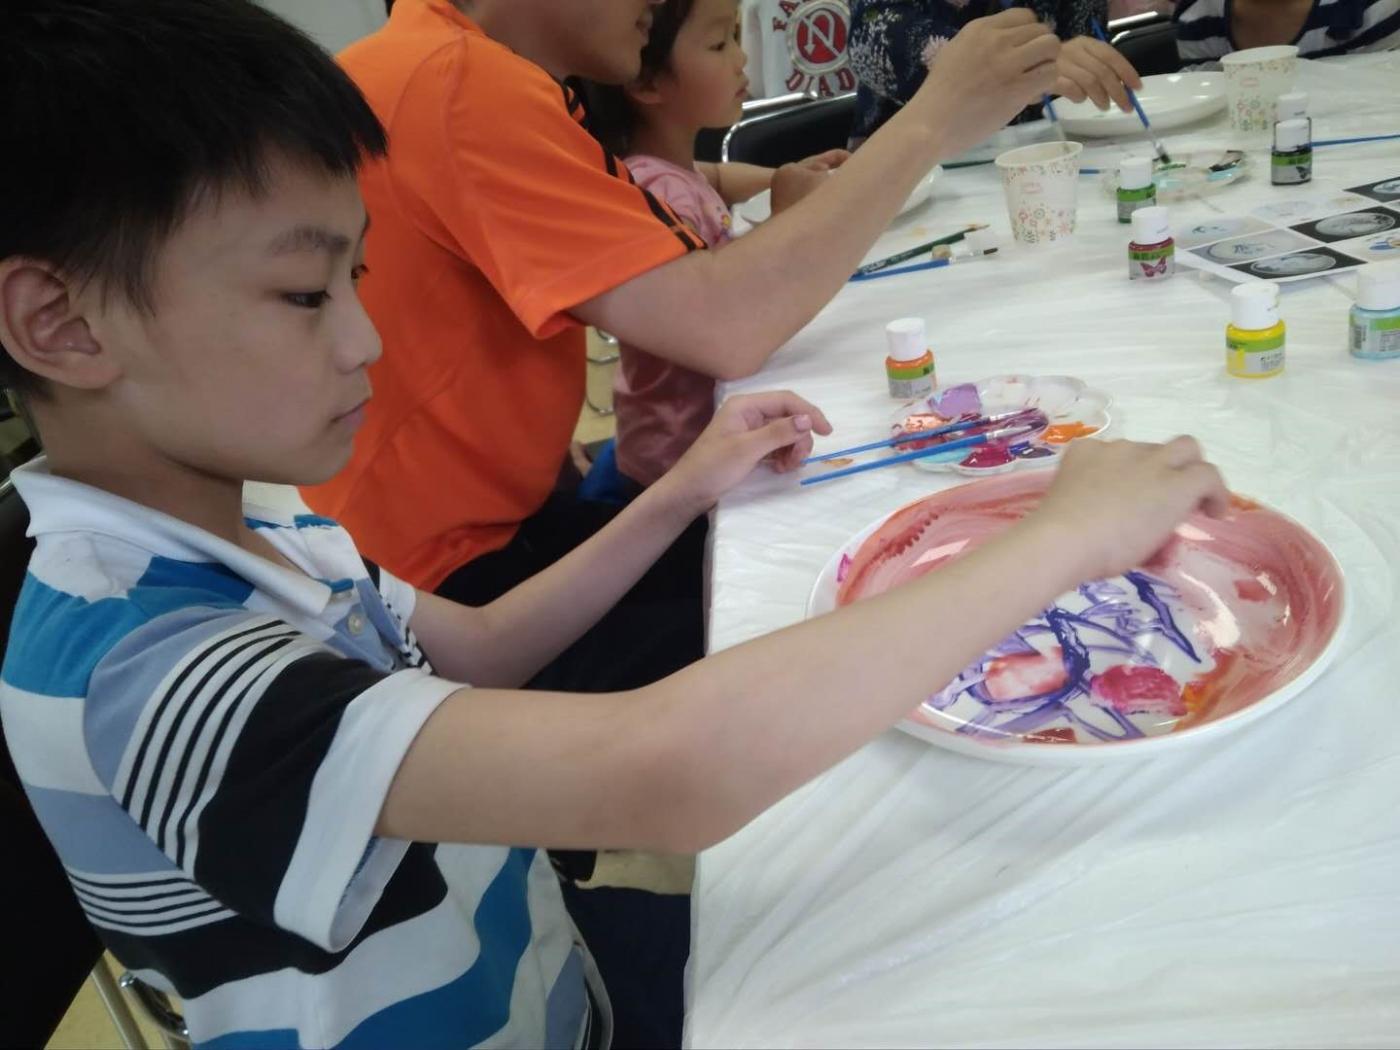 瓷盘彩色绘画_图1-3